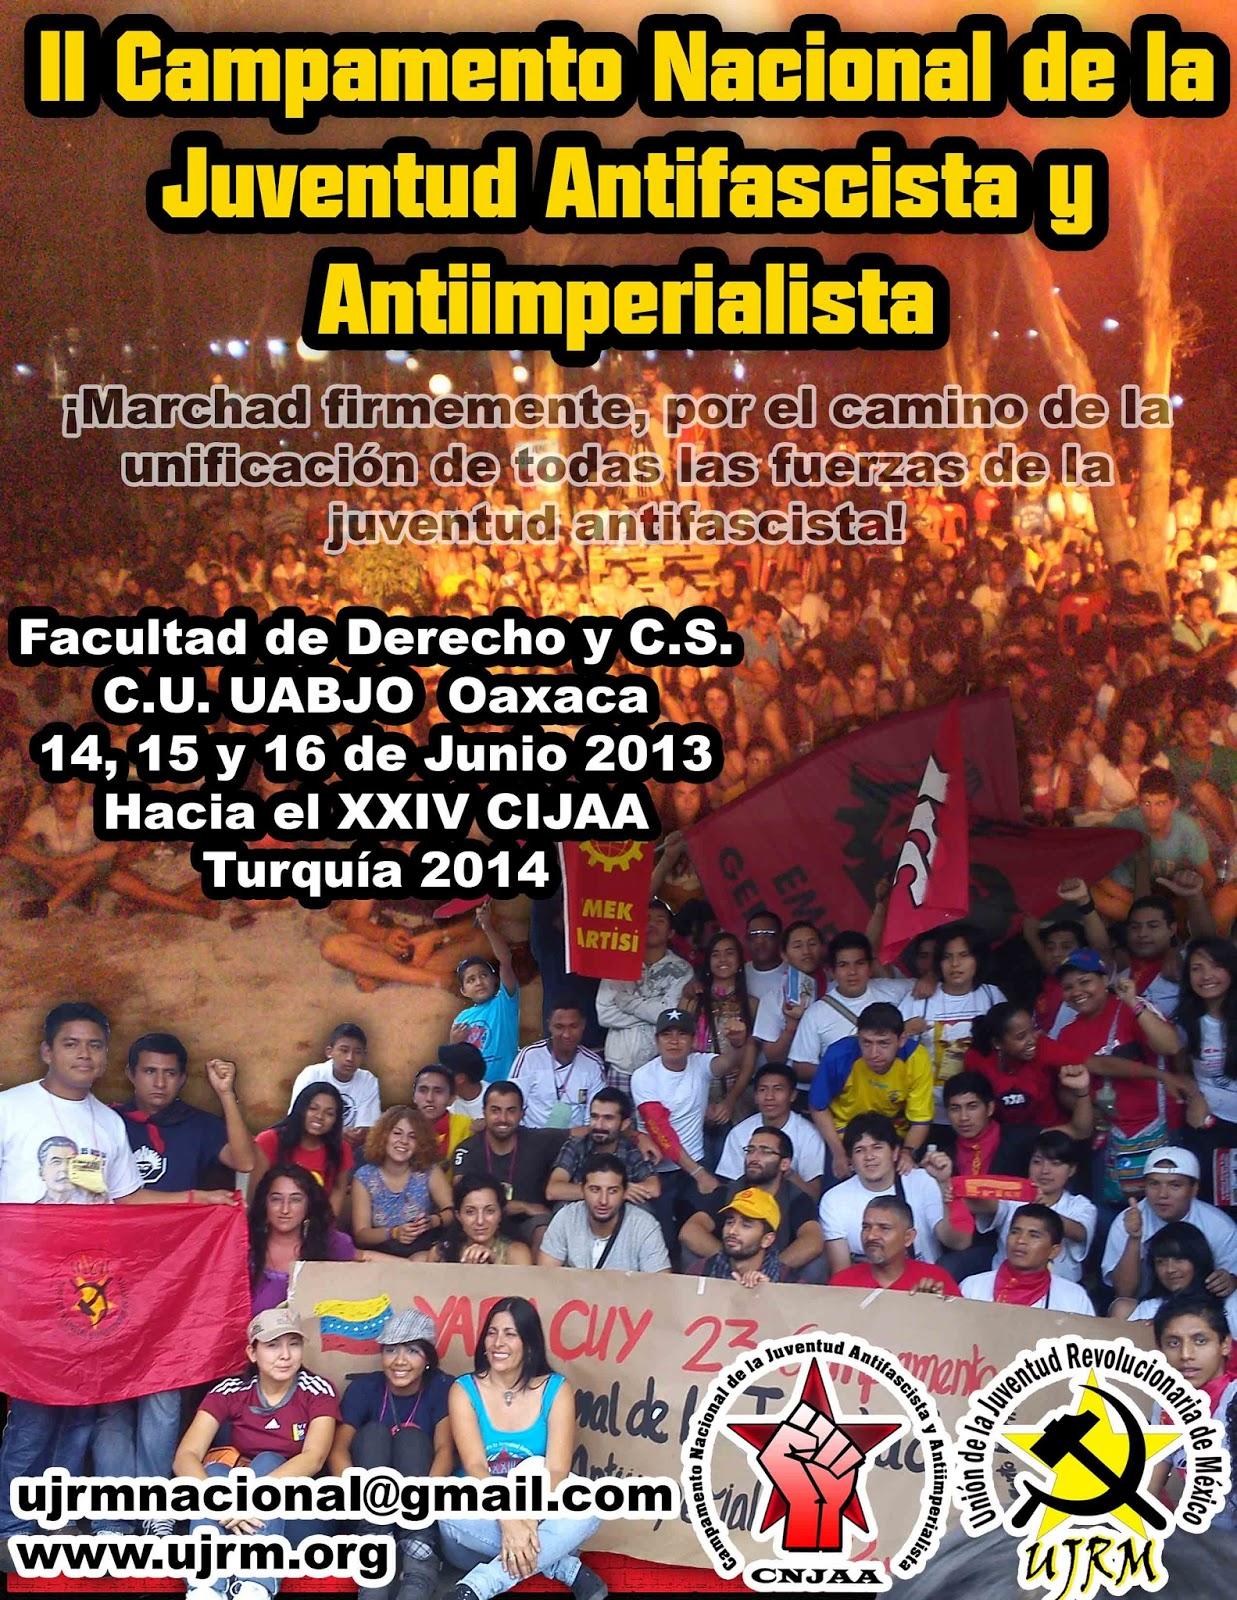 Cartel II Campamento Nacional de la Juventud Antifascista y Antiimperialista